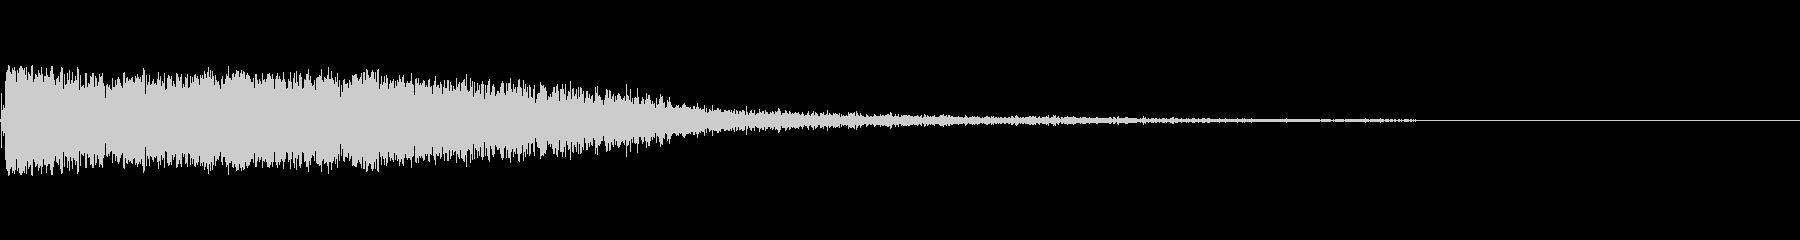 トンプソン/センター、コンテスト、...の未再生の波形